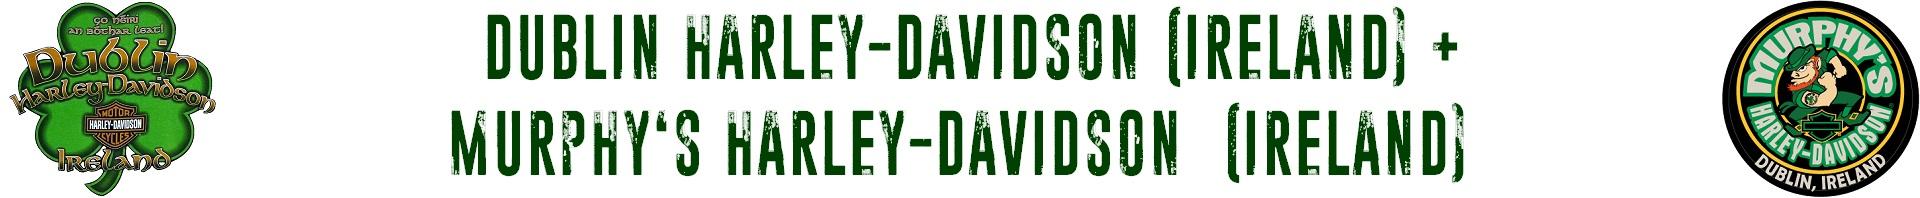 dublin-harley-davidson-merchandise-banner-2.jpg